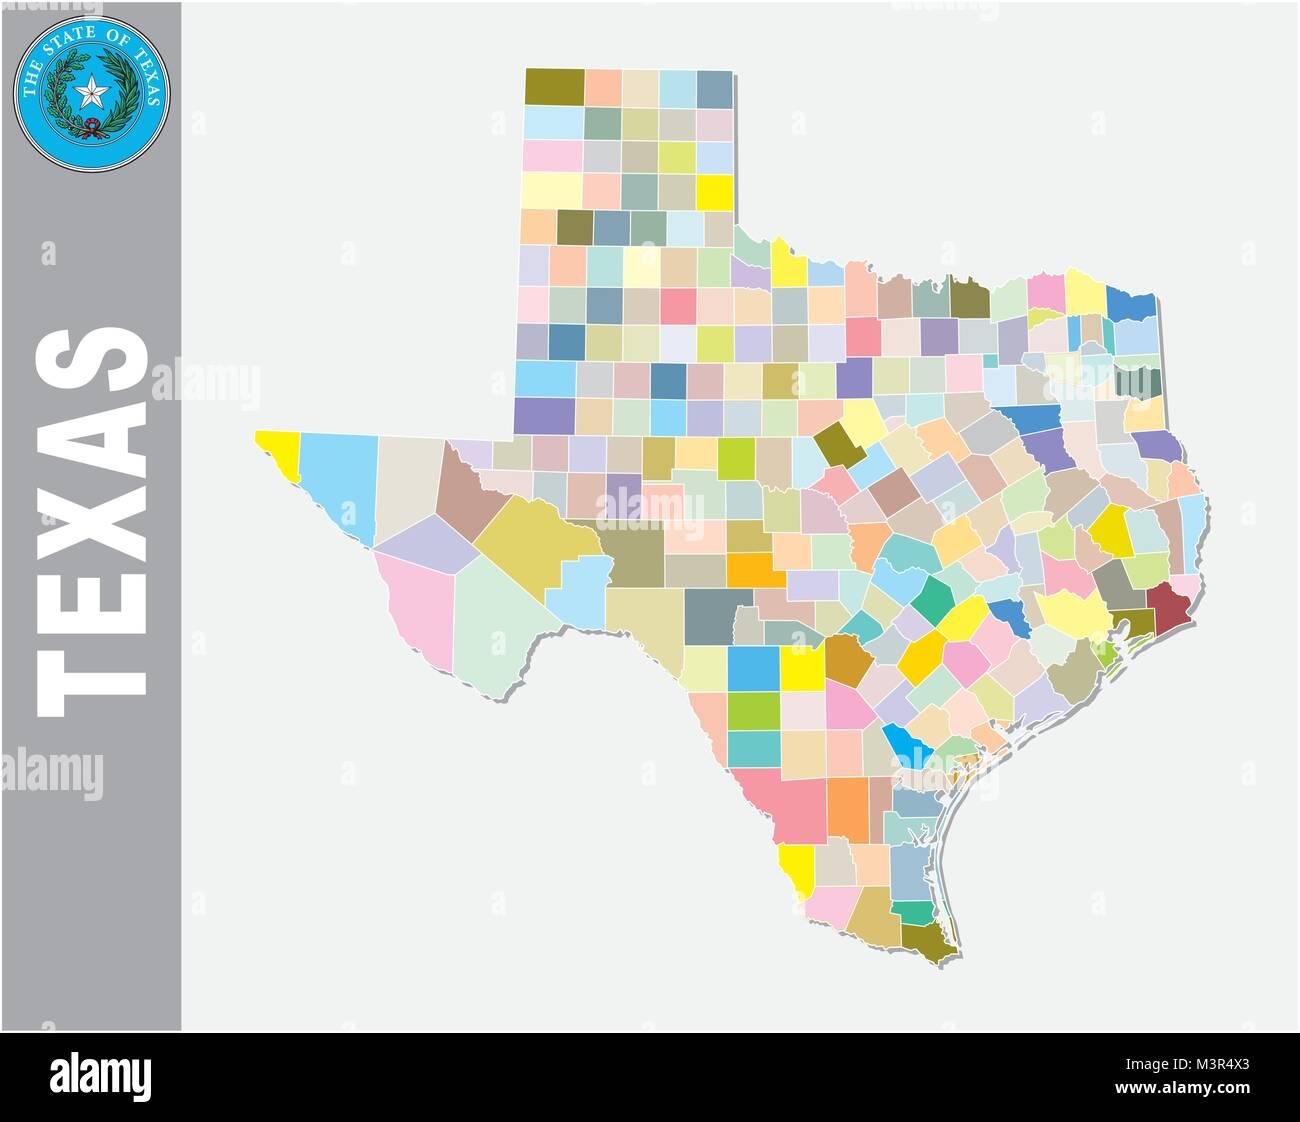 Politique et administrative de couleur carte vectorielle de l'Etat fédéral américain texas avec Photo Stock